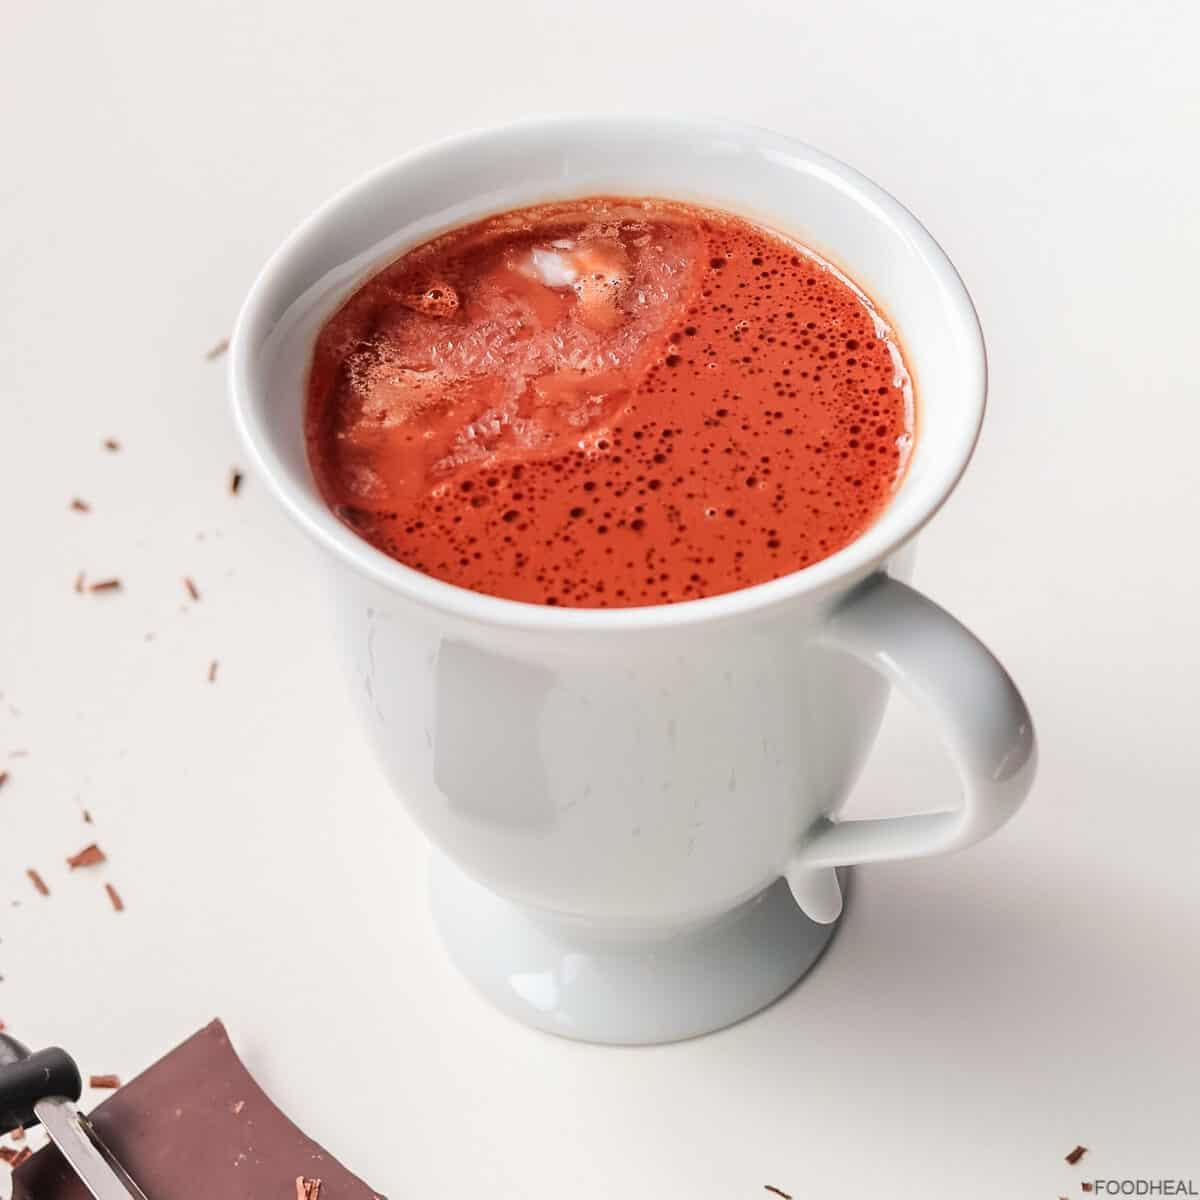 Une tasse de chocolat chaud avec le chocolat noir et l'huile de noix de coco